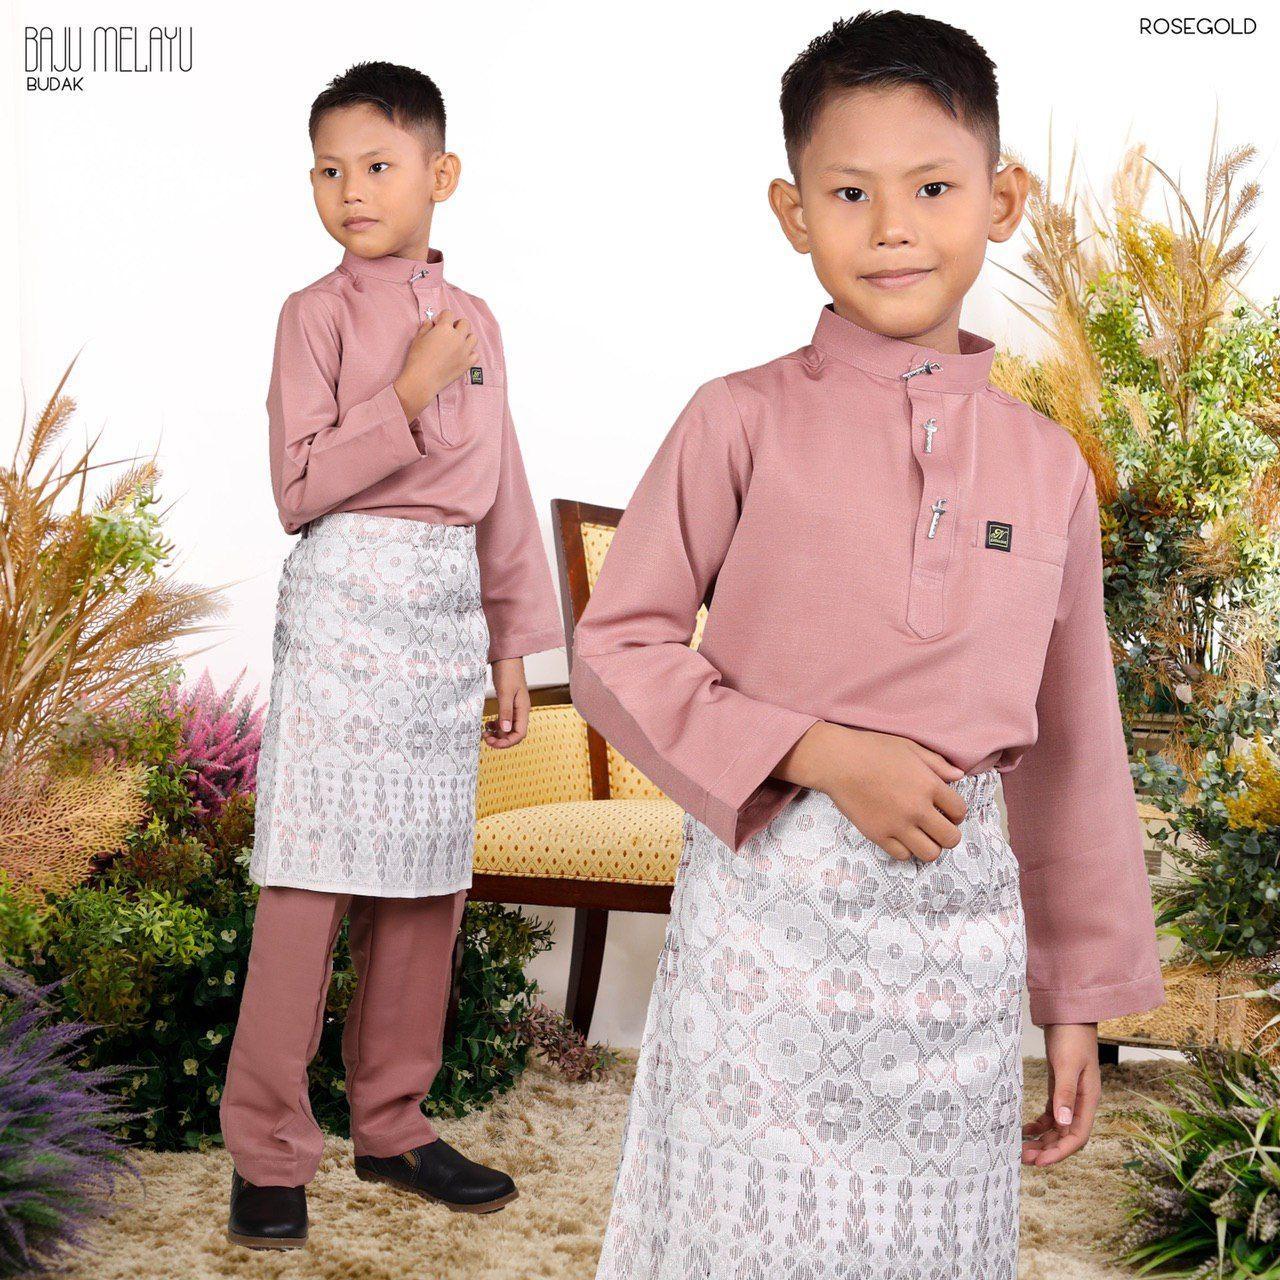 Melayu Kids In Rosegold